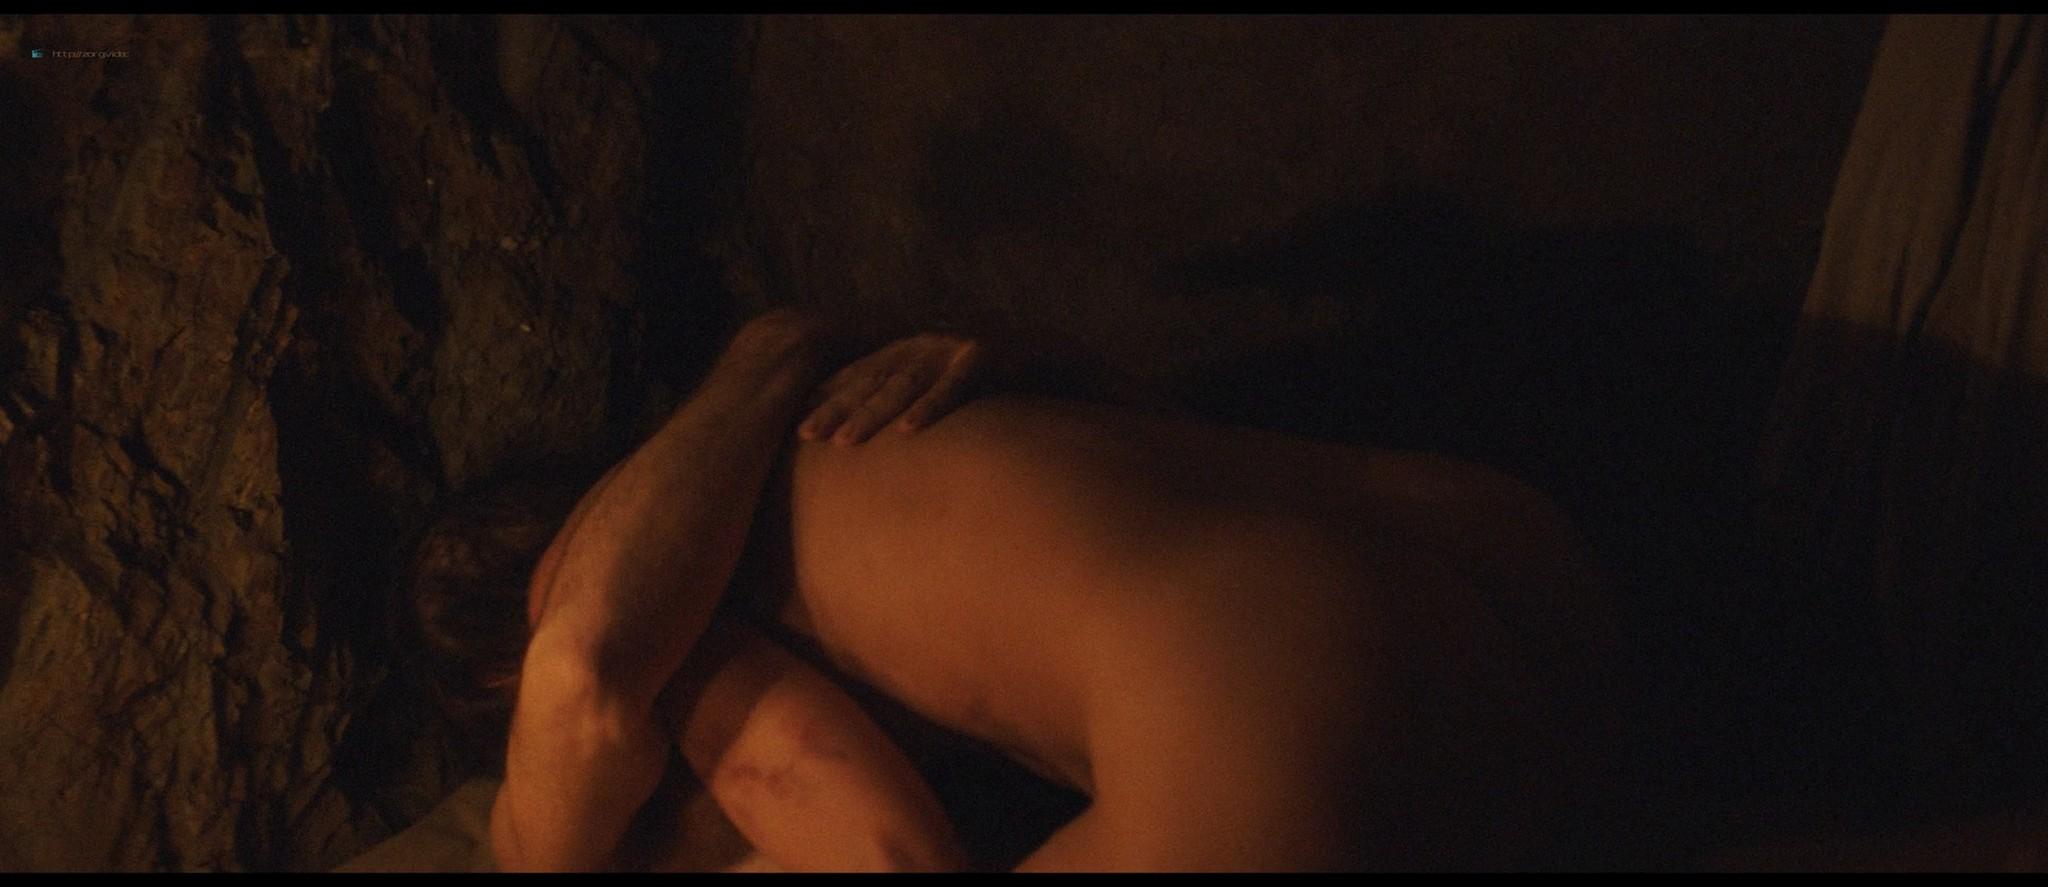 Belén Cuesta nude and sex - La trinchera infinita (ES-2019) HD 1080p Web (7)